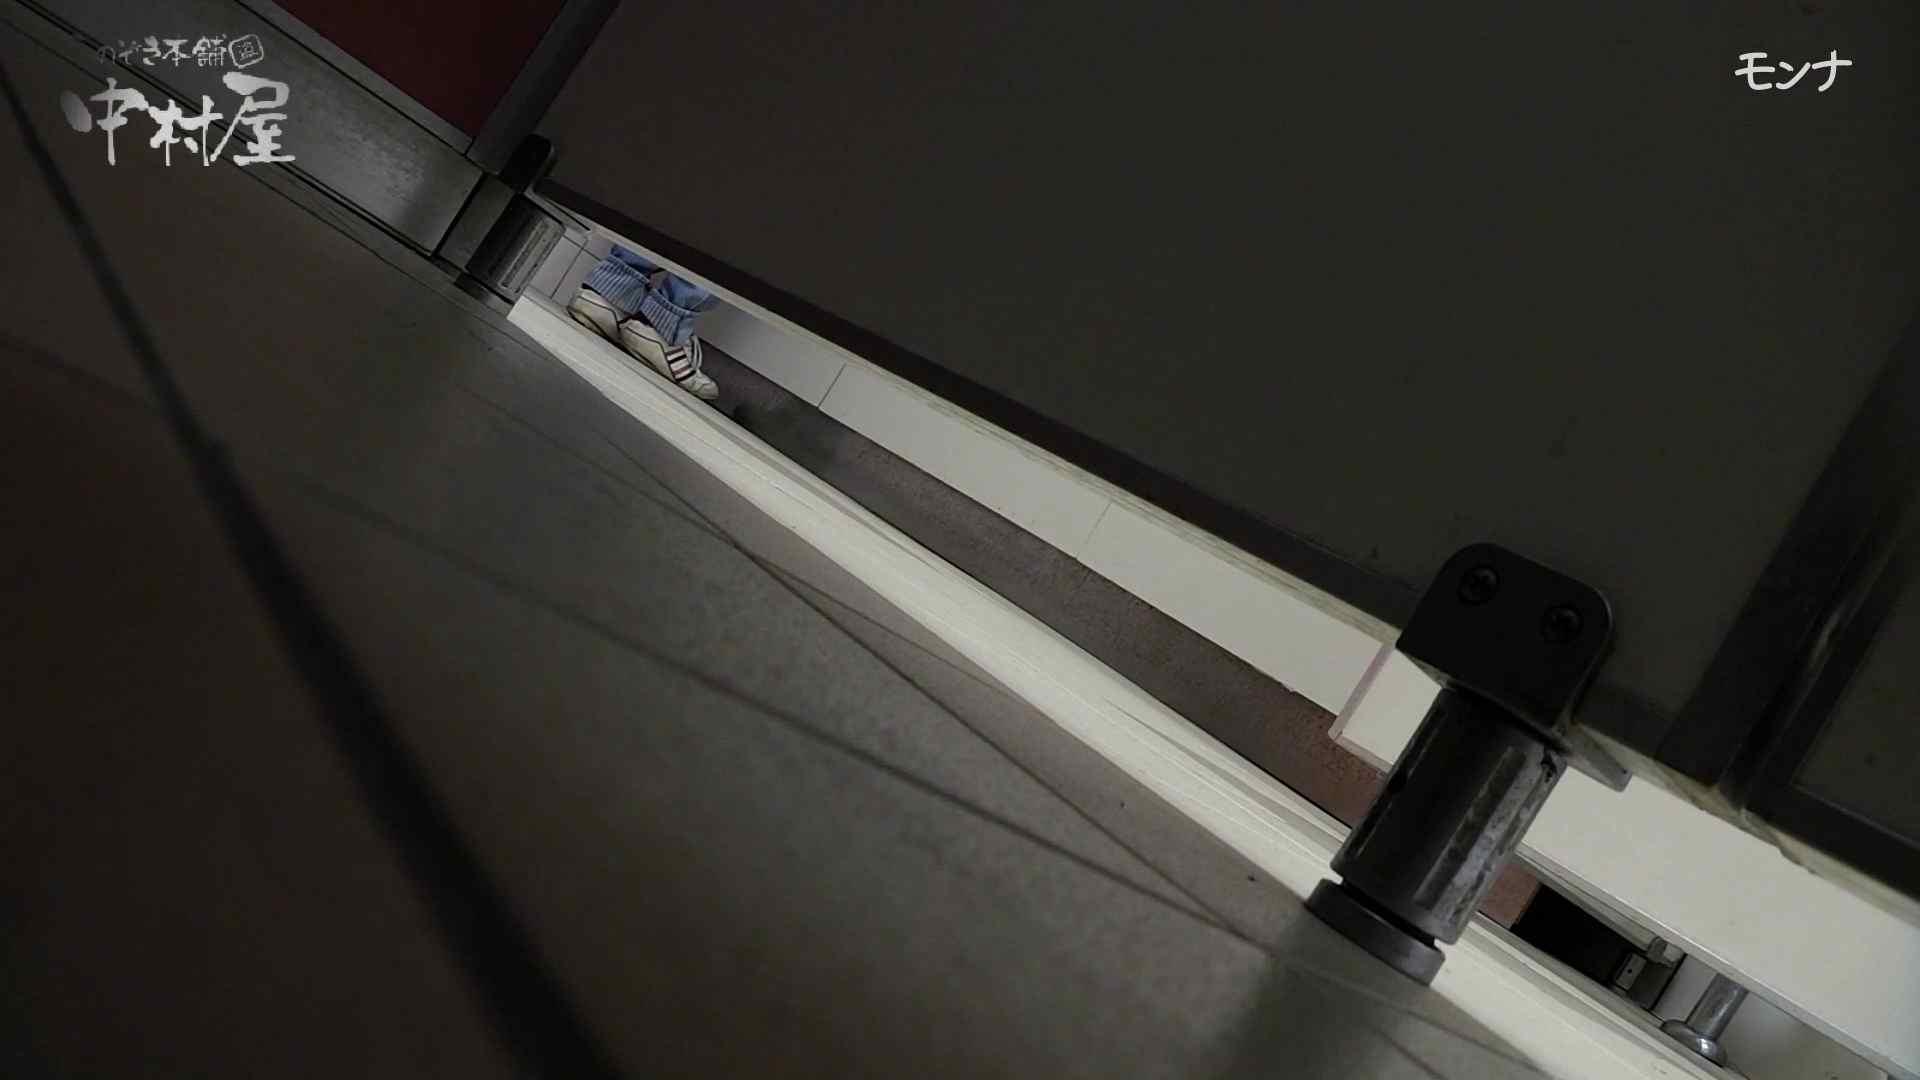 美しい日本の未来 No.49 何があった?カメラ持ちながらみんなの前に!潜り抜け 後編 盗撮師作品  79pic 35